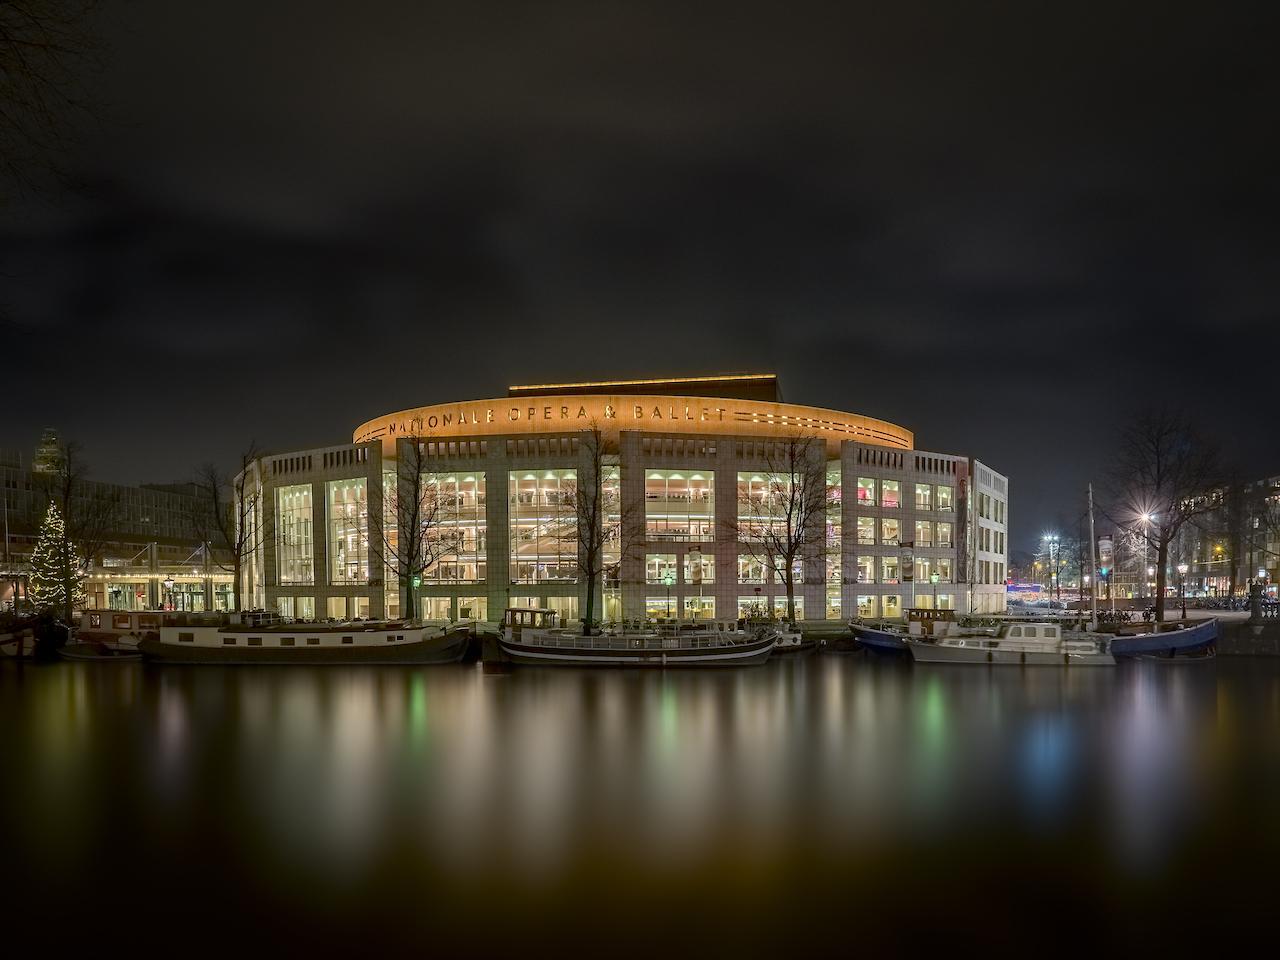 Nationale Opera & Ballet beloond voor duurzaam gebouw - GreaterVenues.com